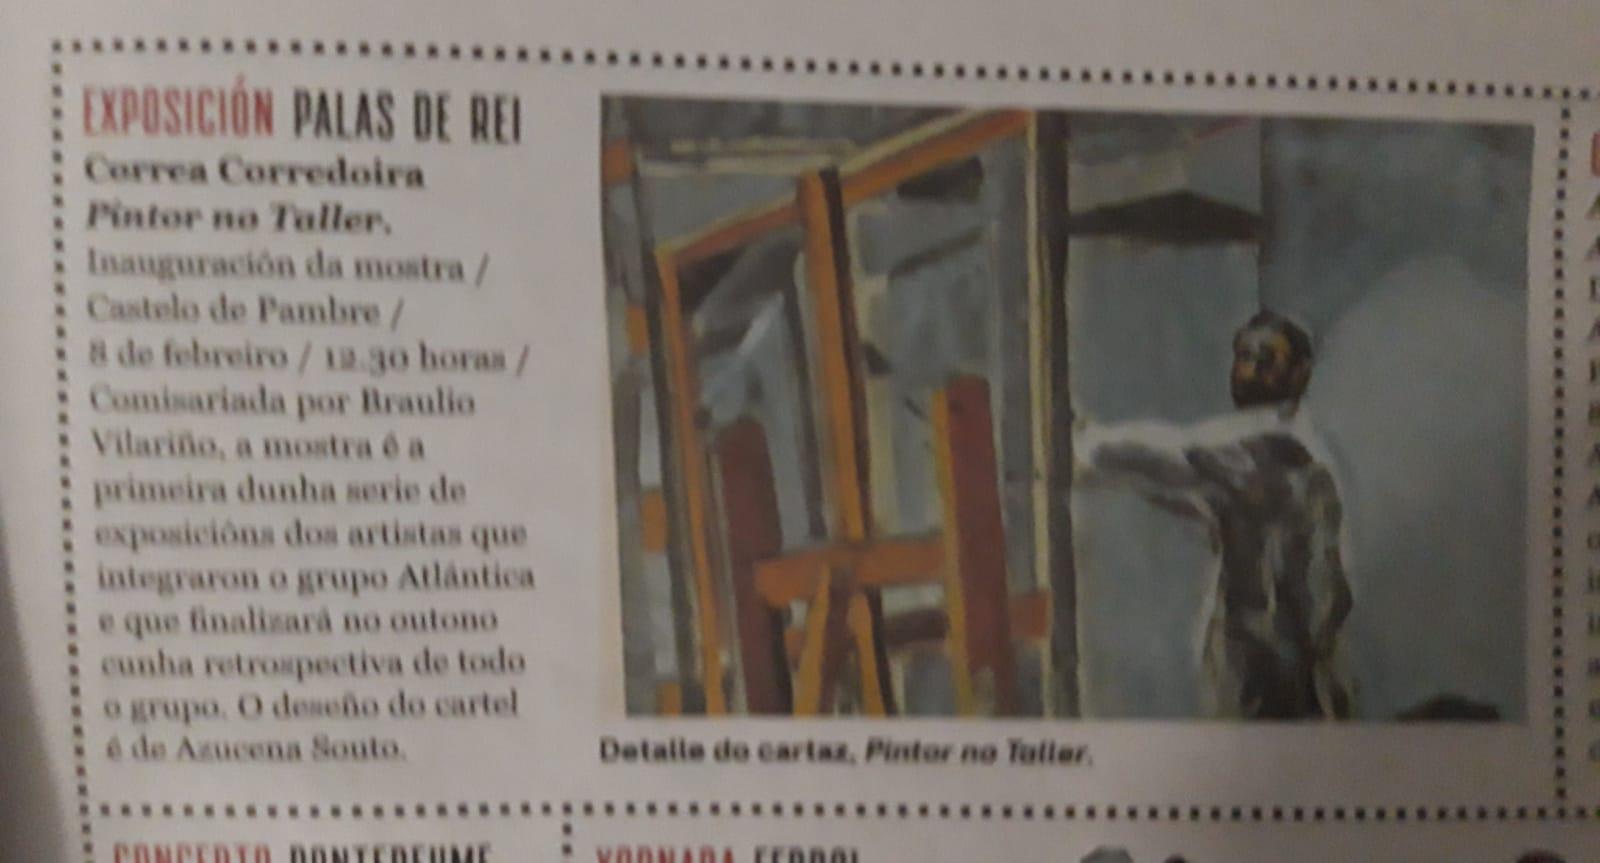 Exposición Correa Corredoira, Pintor no Taller, Nos Diario